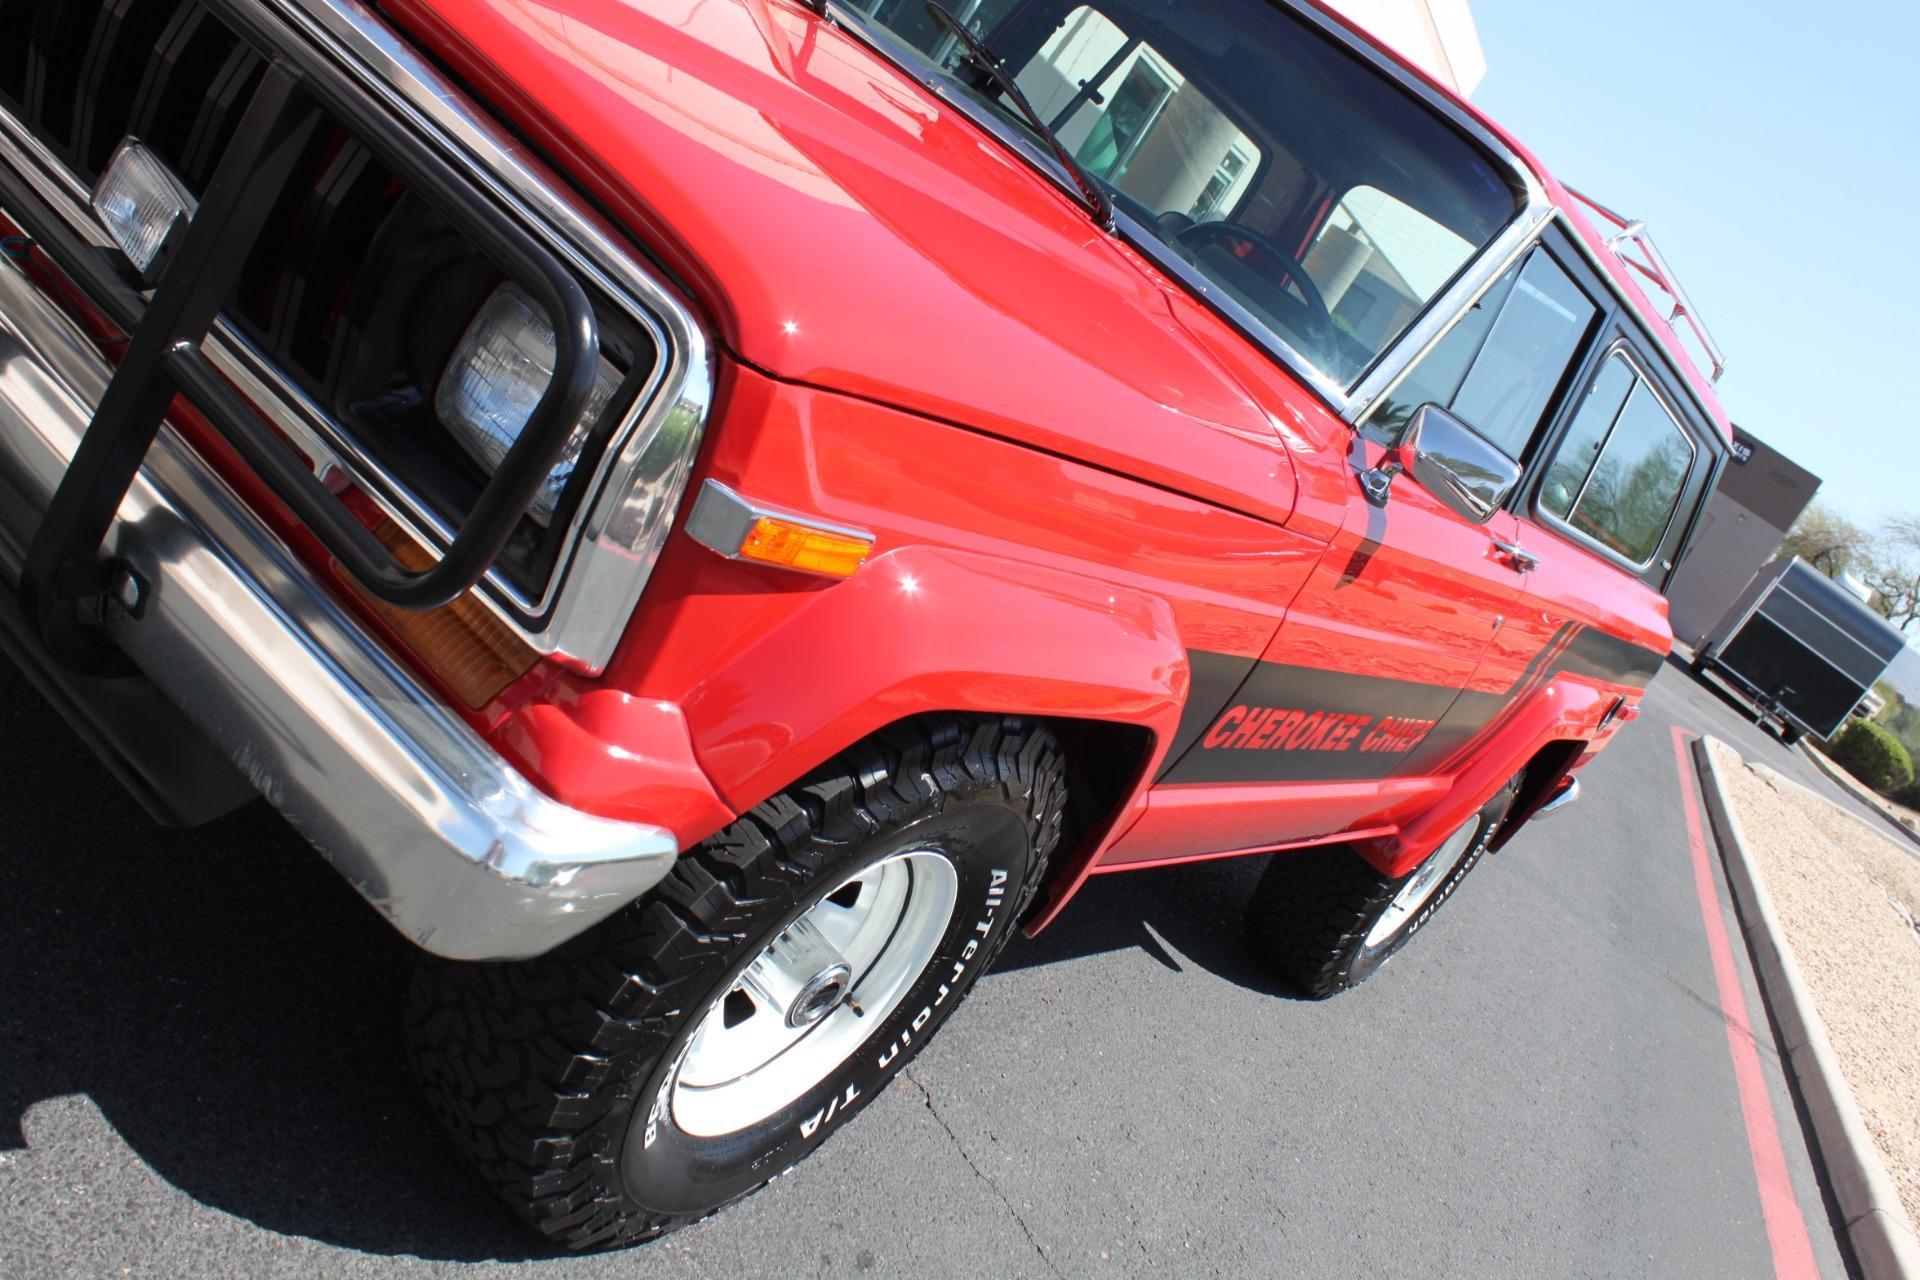 Used-1983-Jeep-Cherokee-Chief-4WD-Grand-Cherokee